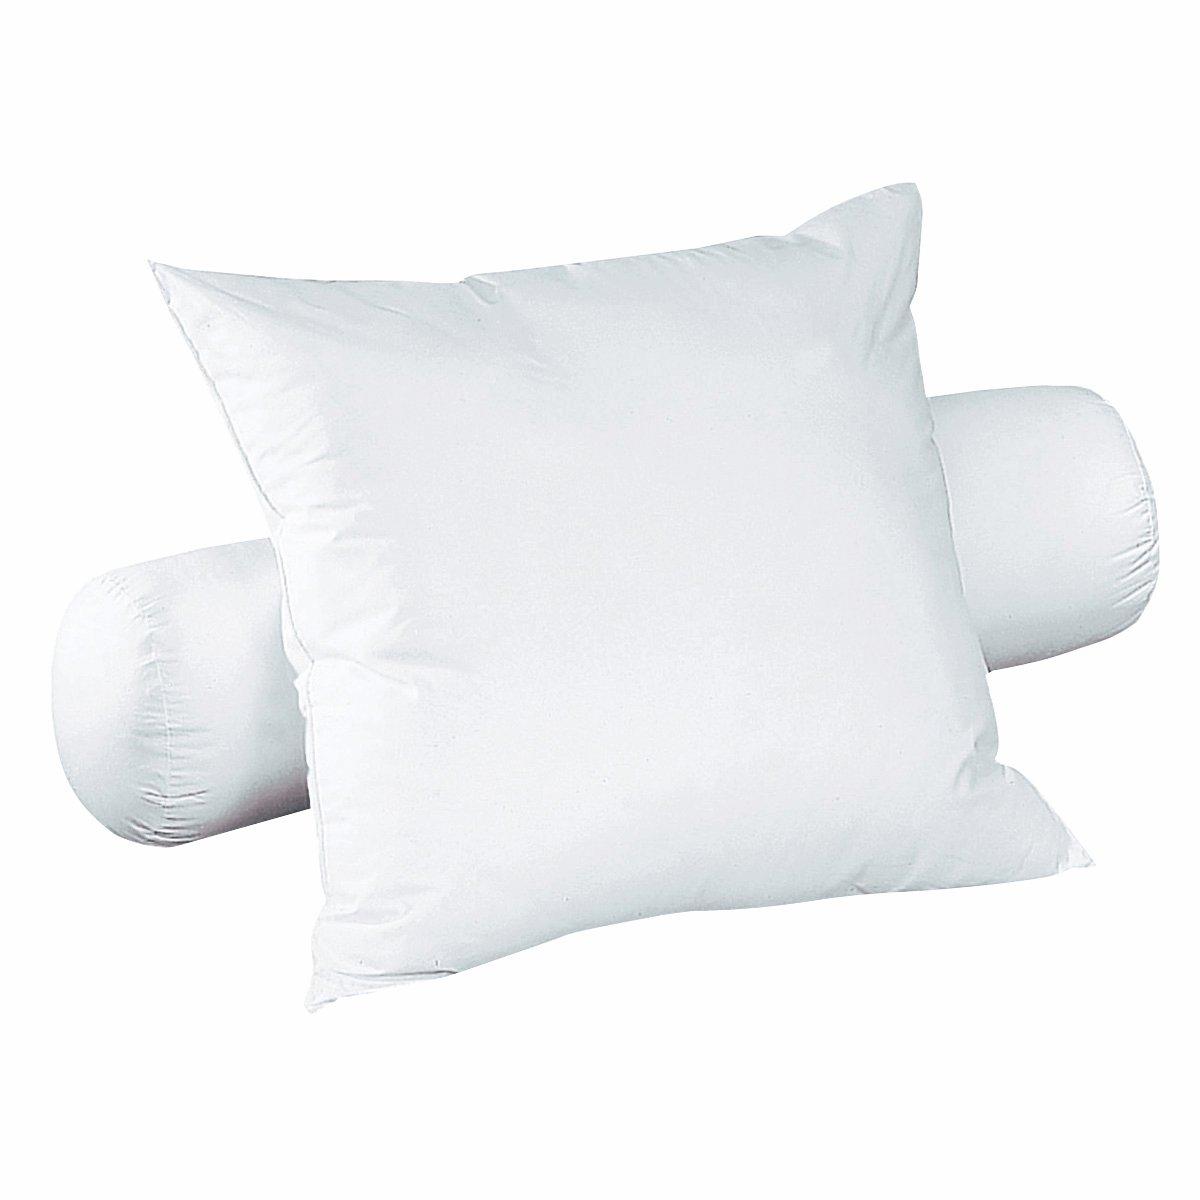 цена Подушка-валик La Redoute Синтетическая Quallofil air классическая модель длина: 90 см белый онлайн в 2017 году